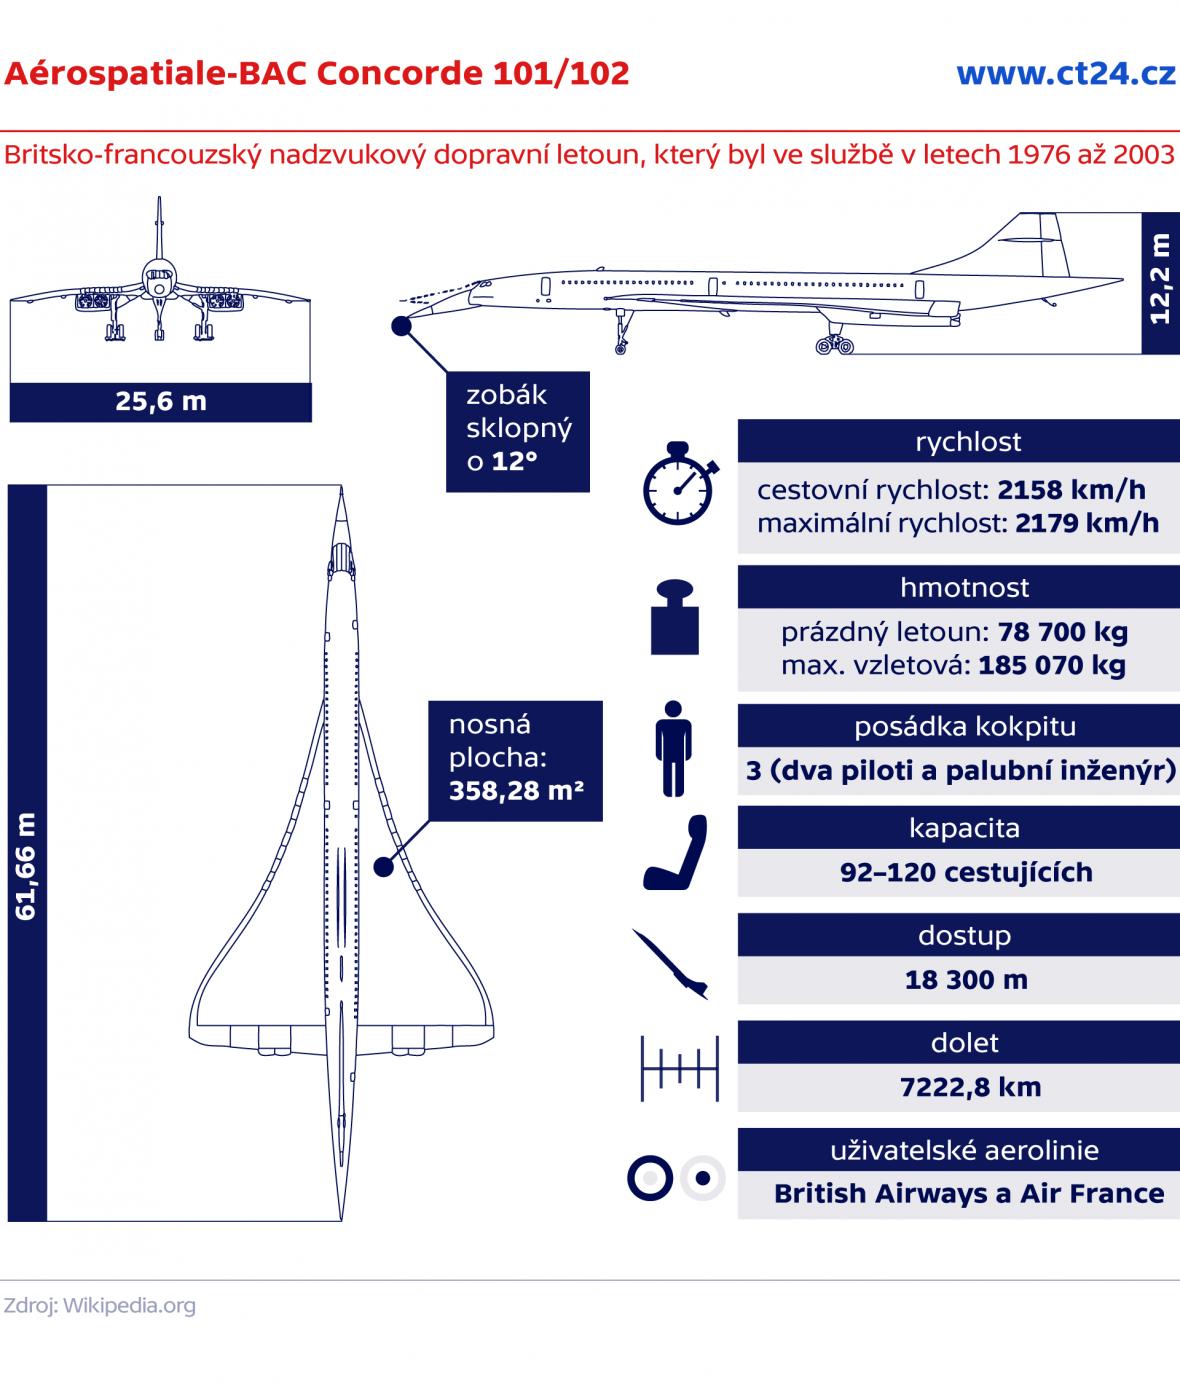 Aérospatiale-BAC Concorde 101/102